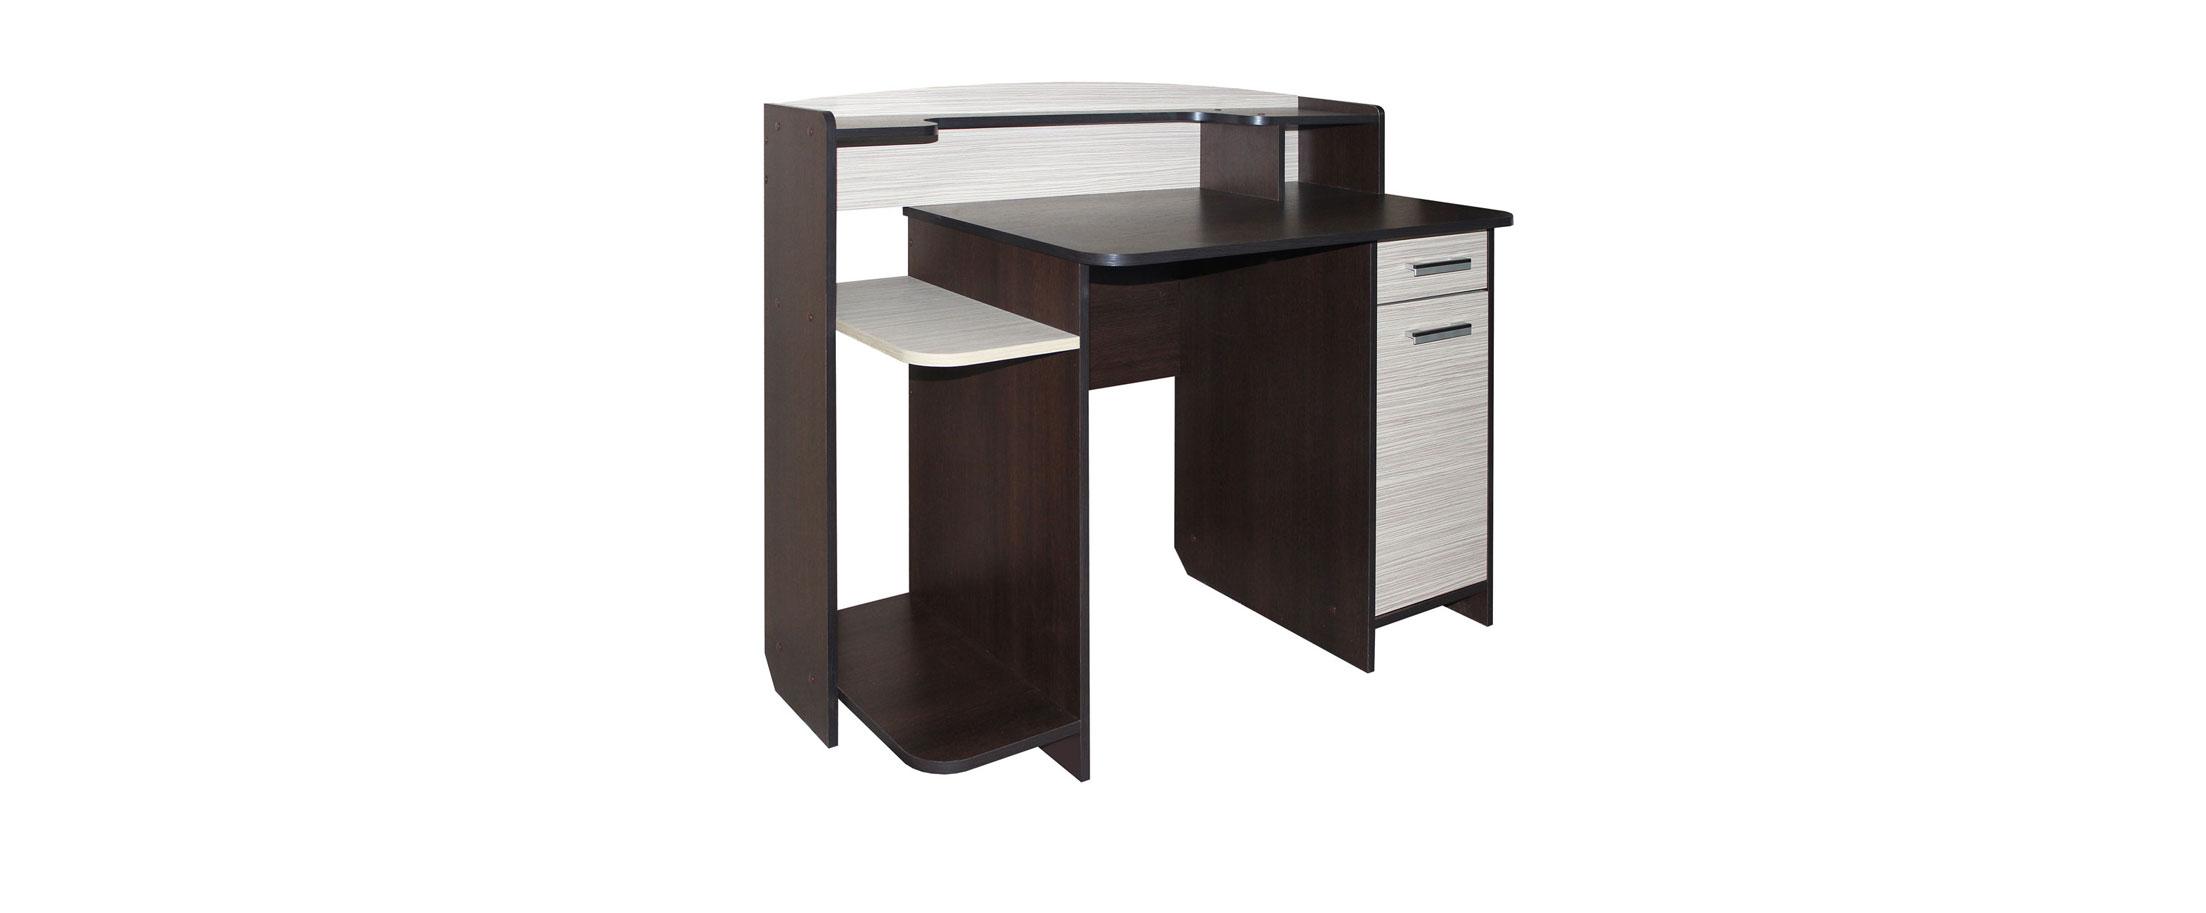 Стол компьютерный Престиж-10 Модель 506 от MOON TRADE